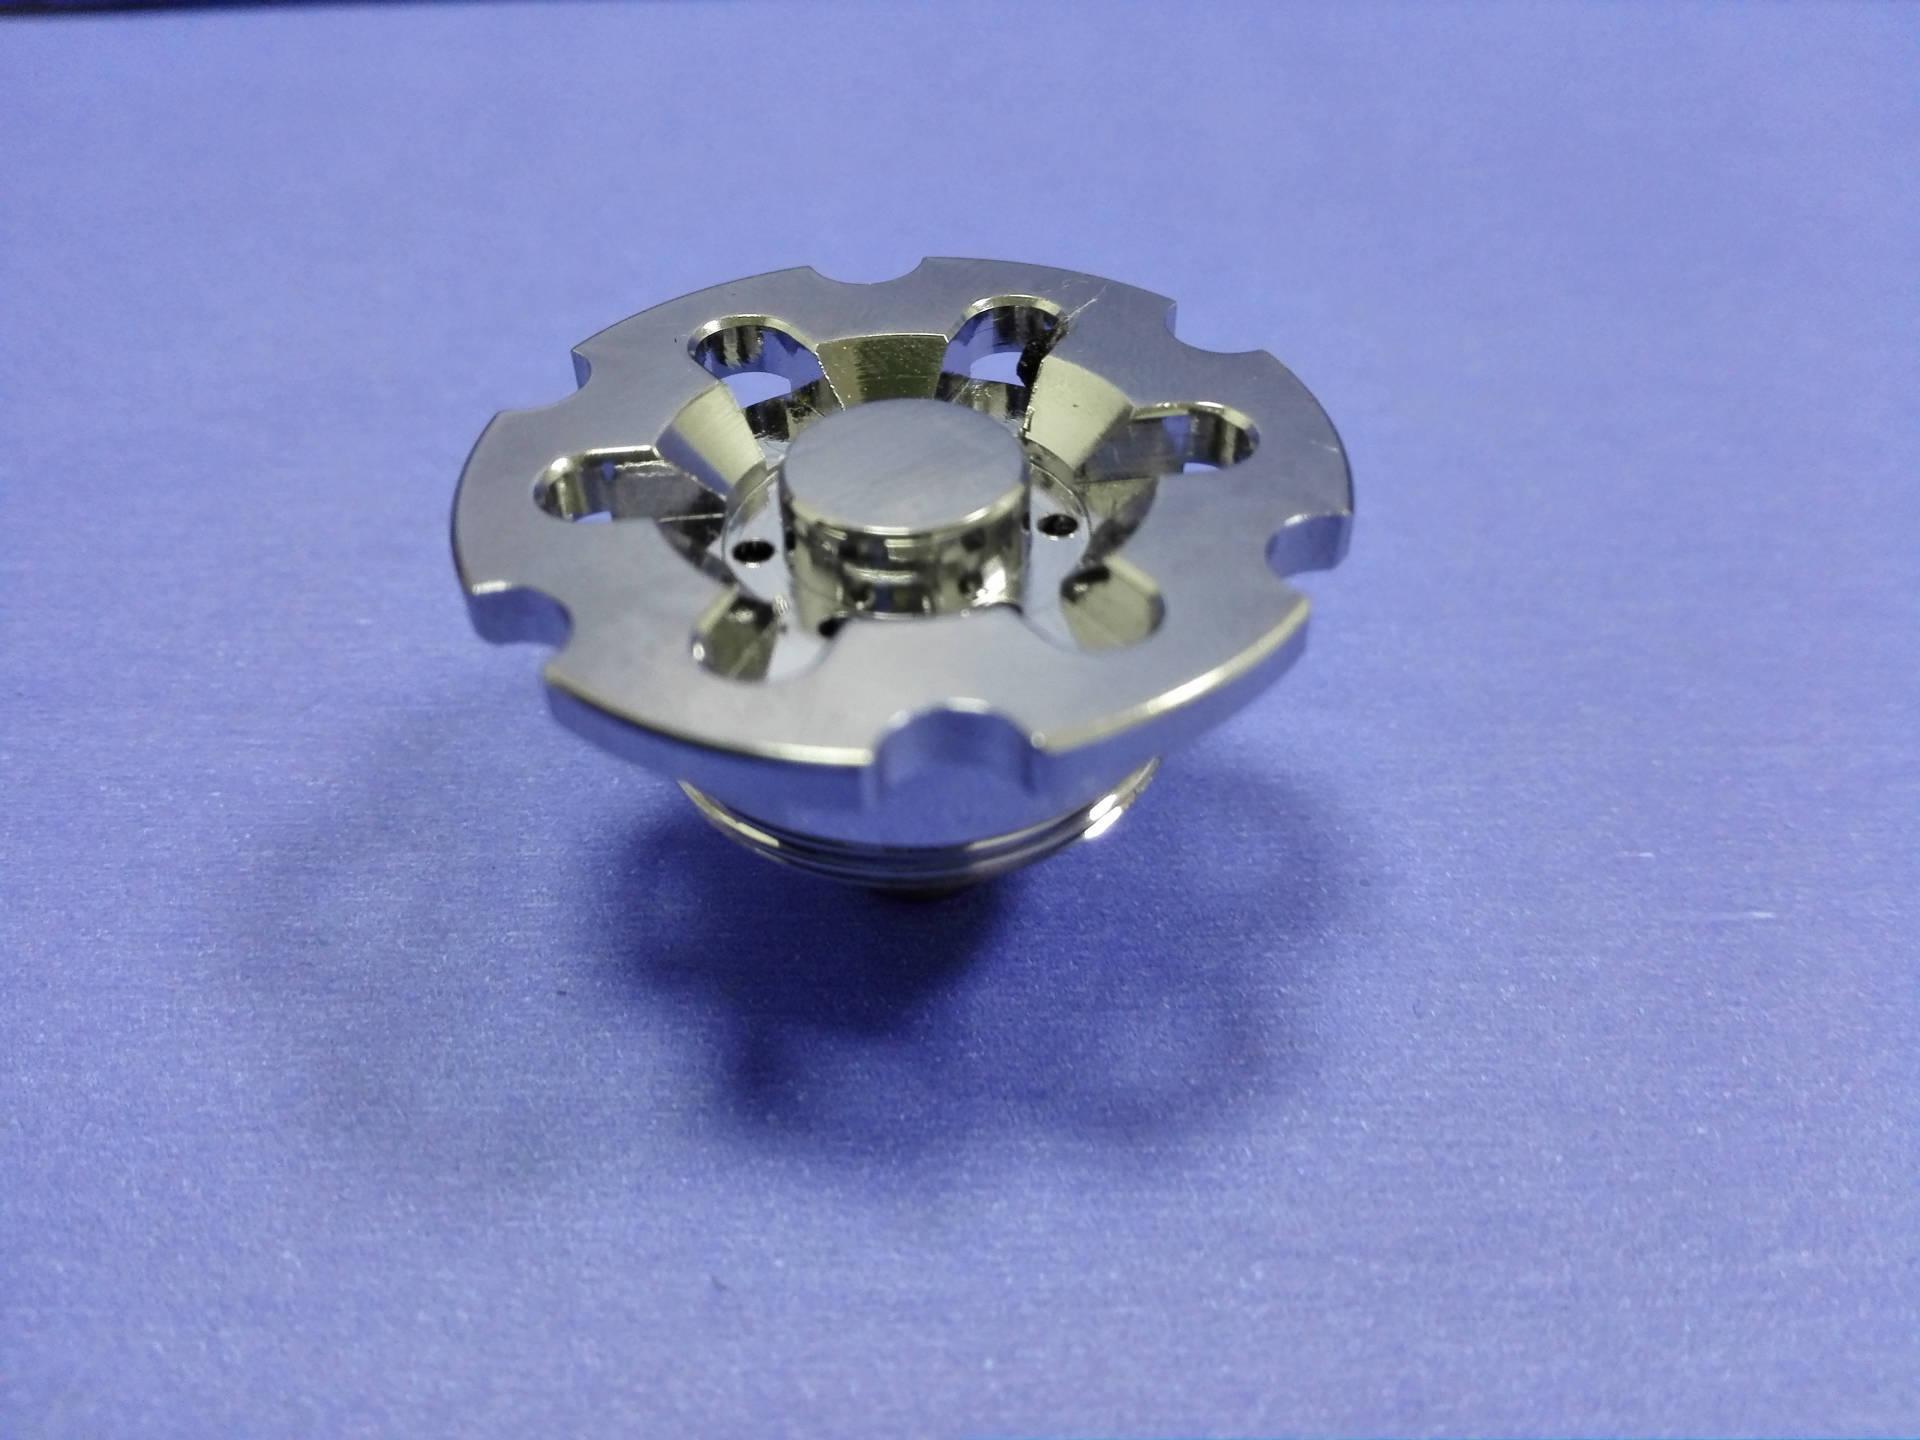 Linh kiện điện tử Gia công CNC chuyên nghiệp Gia công máy tiện CNC Tất cả các loại phần cứng Gia côn